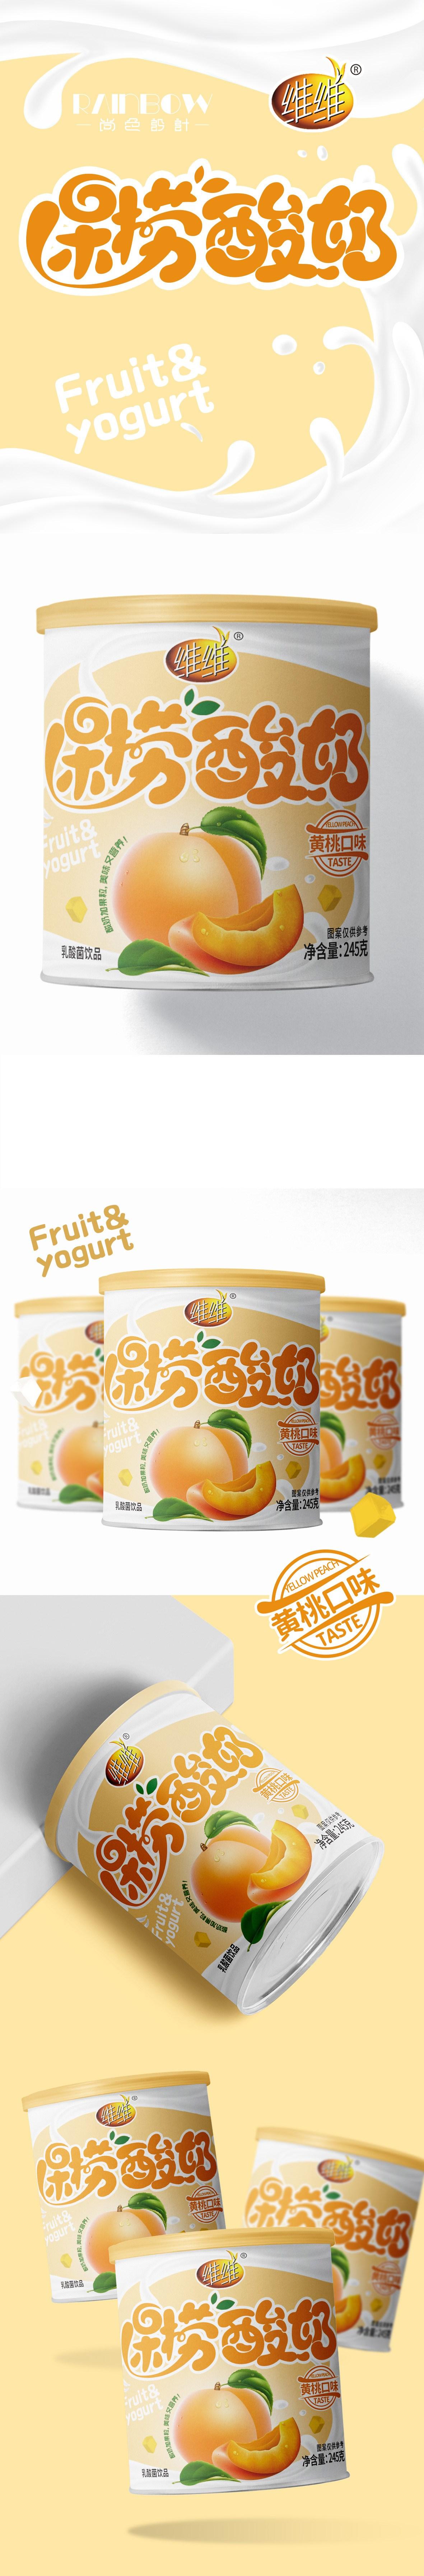 维维集团·果捞酸奶包装